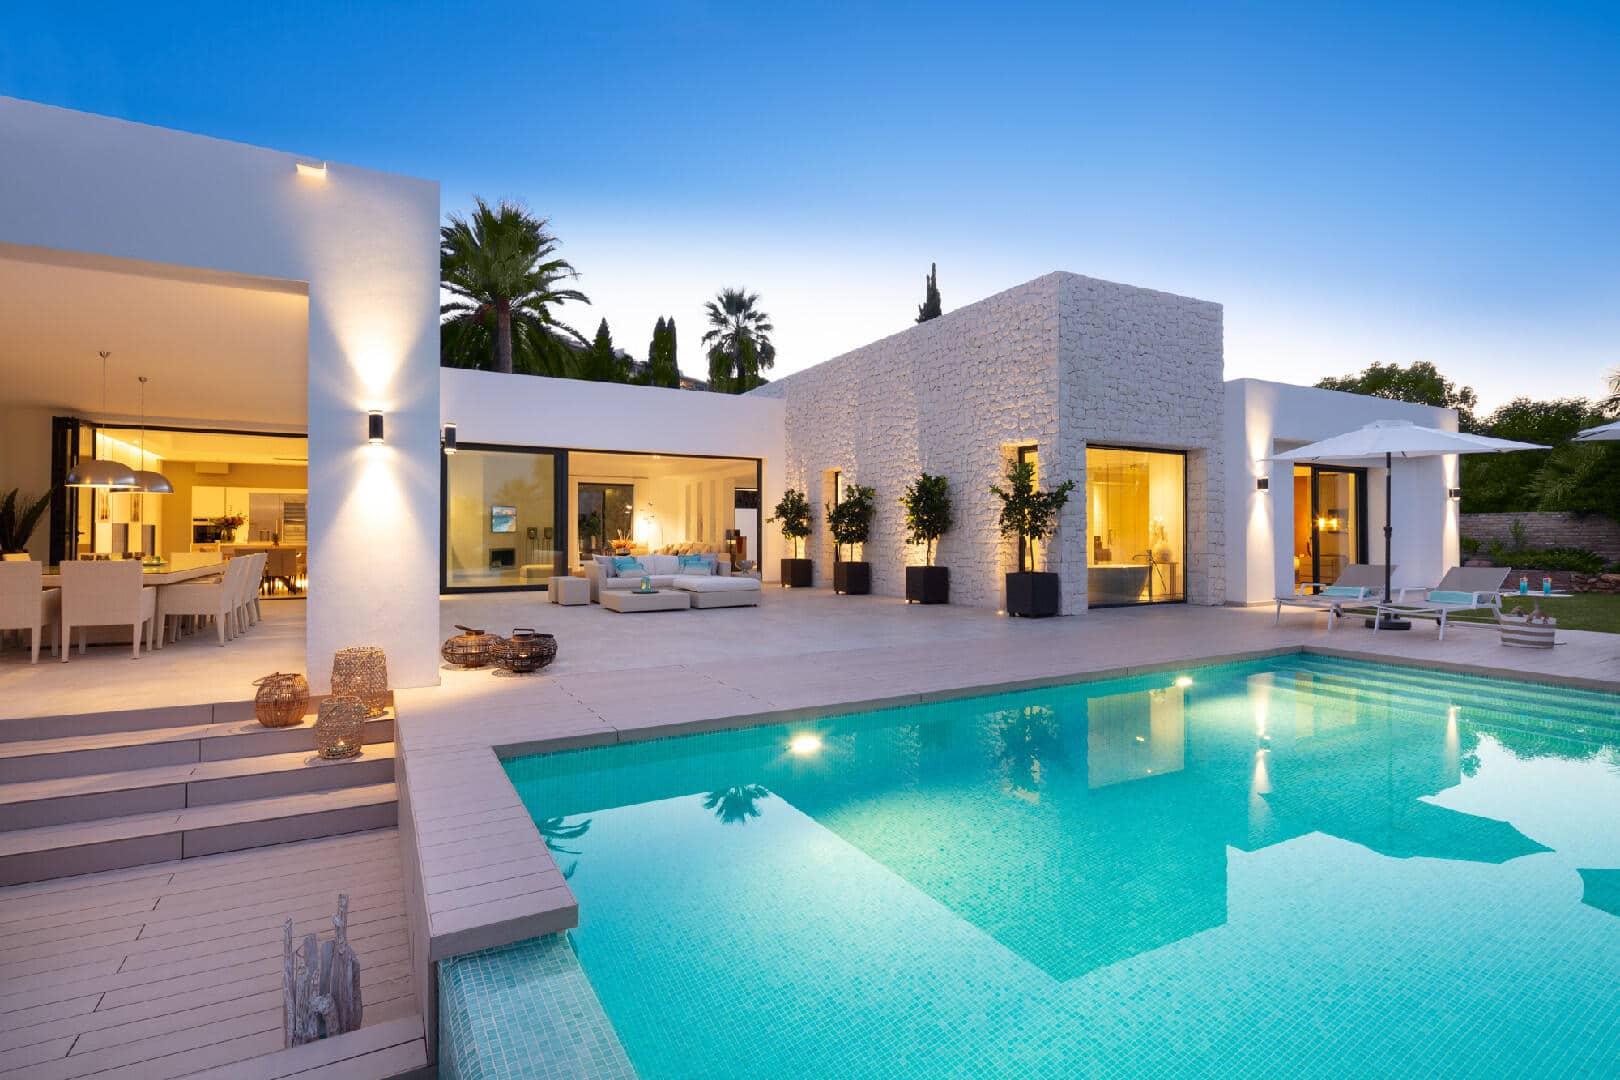 One-of-a-kind villa in Las Brisas, Nueva Andalucia